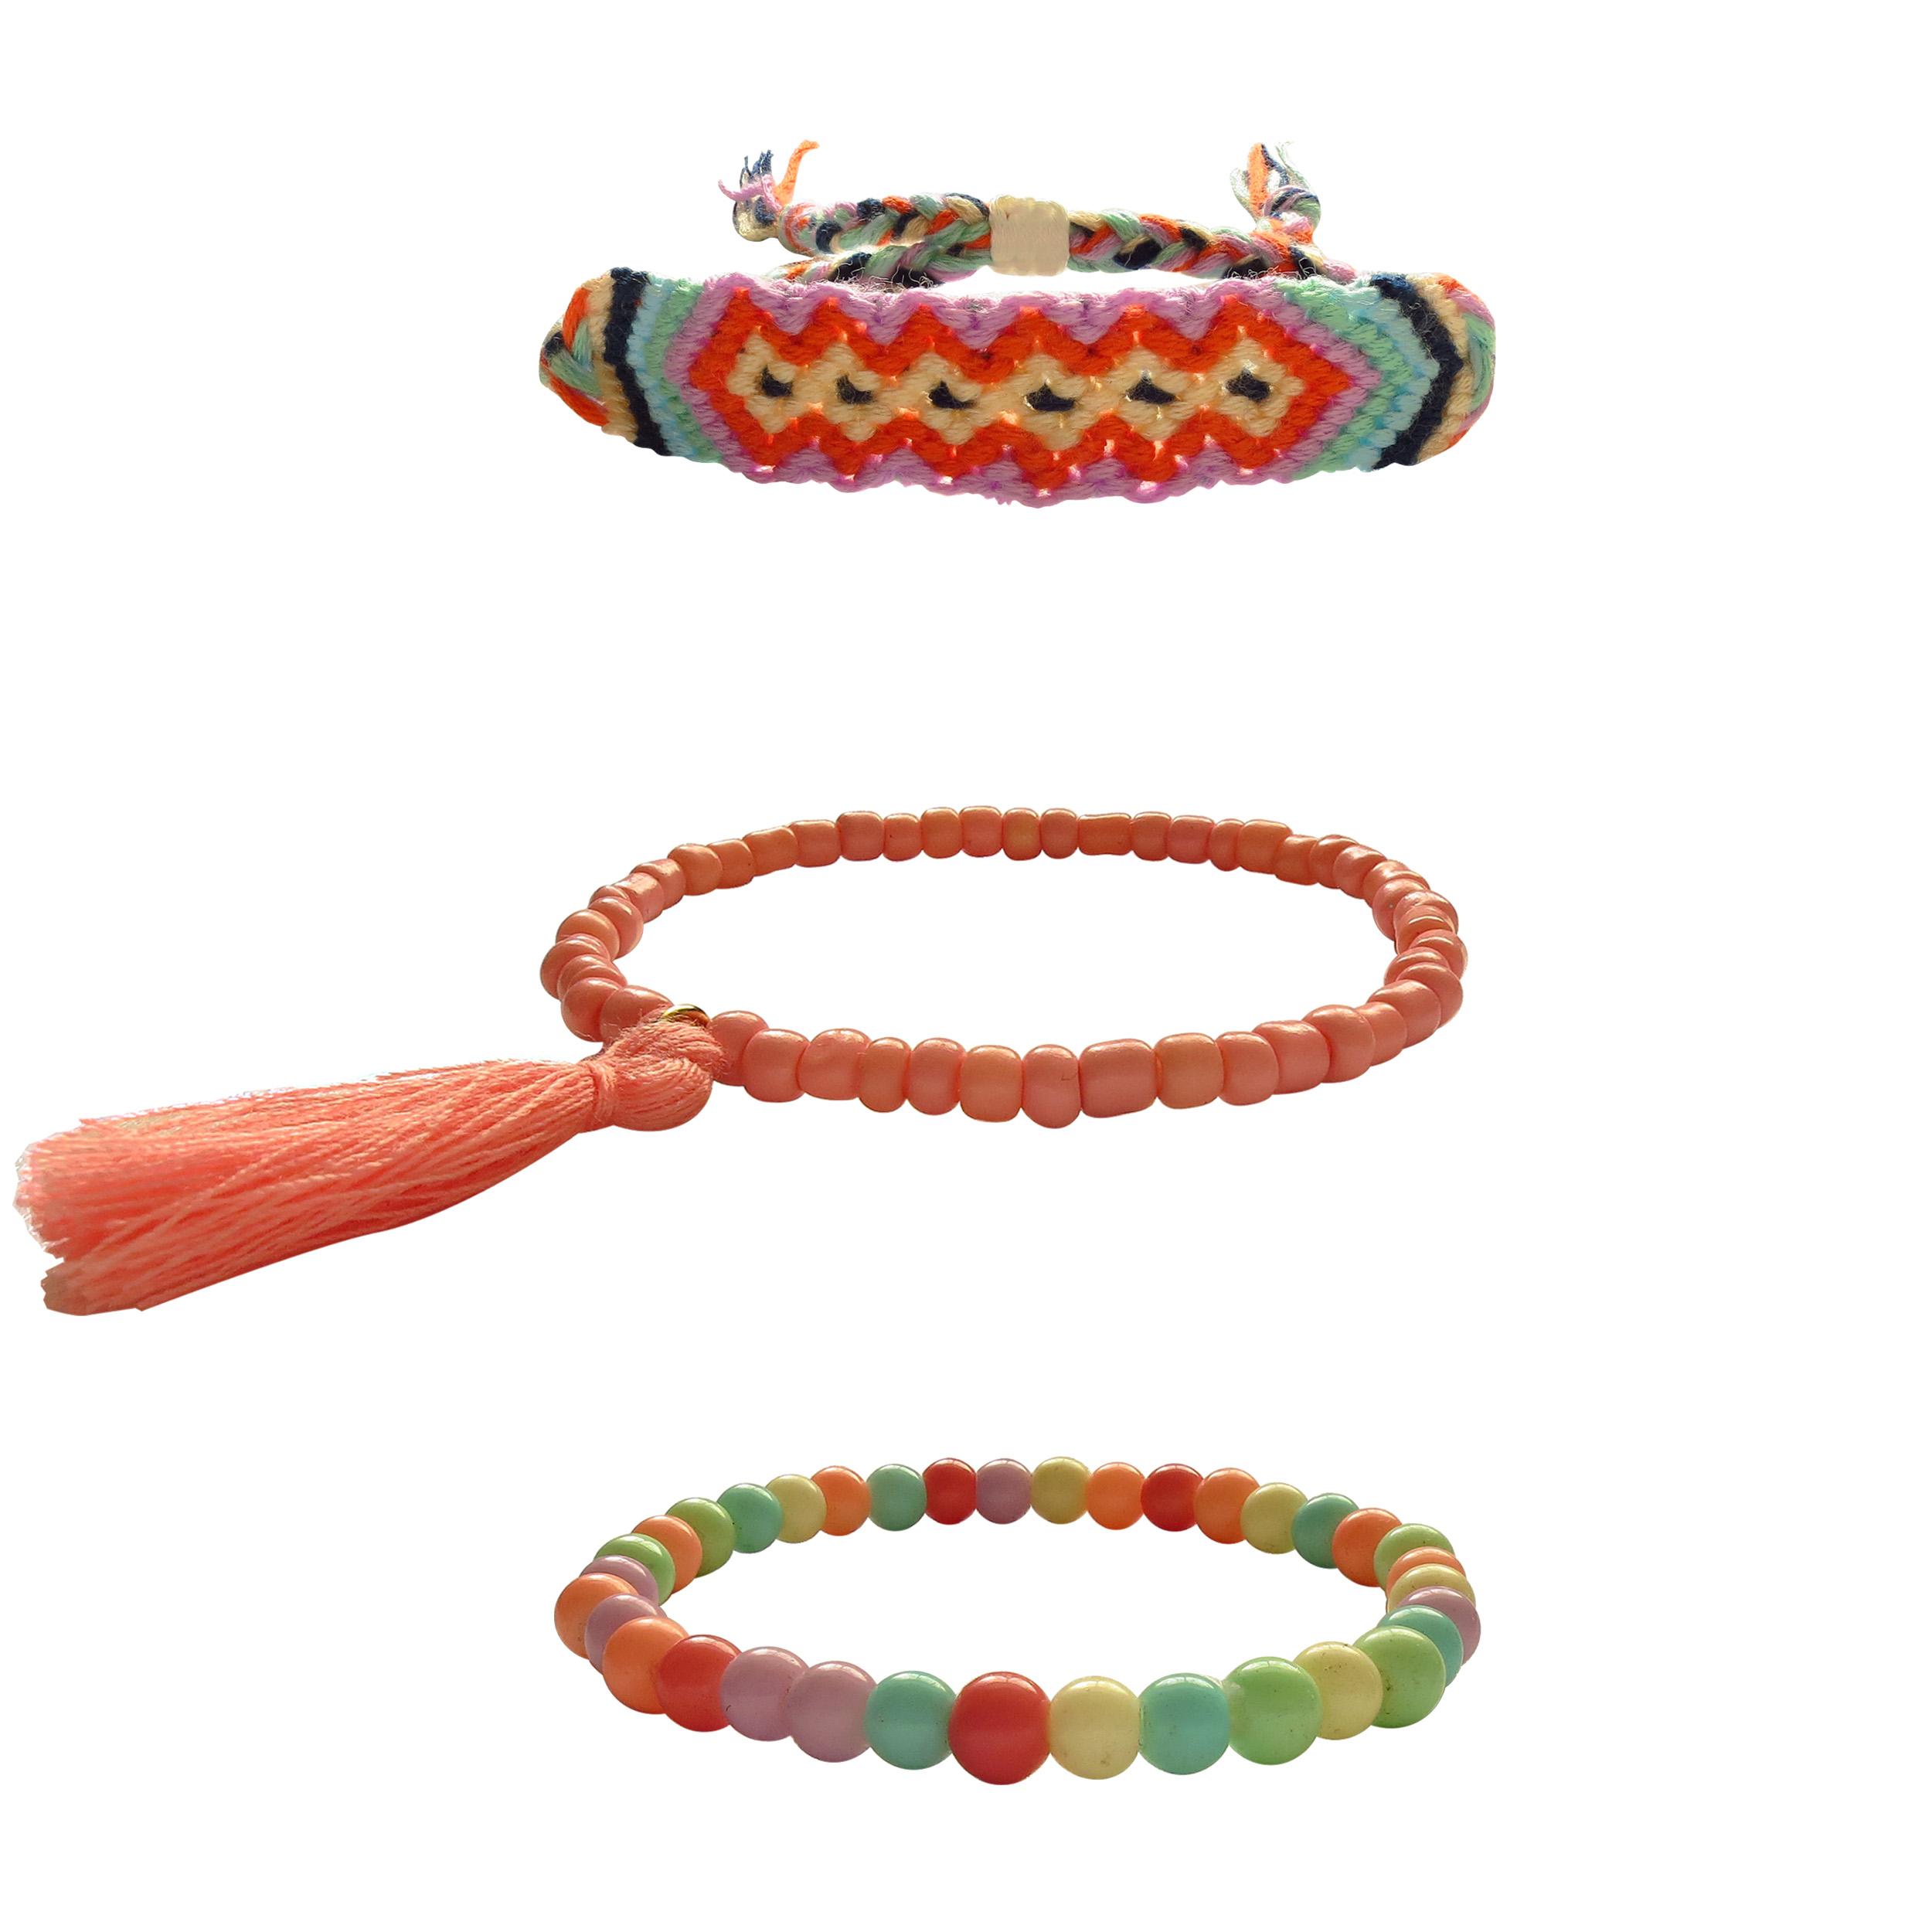 دستبند زنانه کد 80703 مجموعه 3 عددی